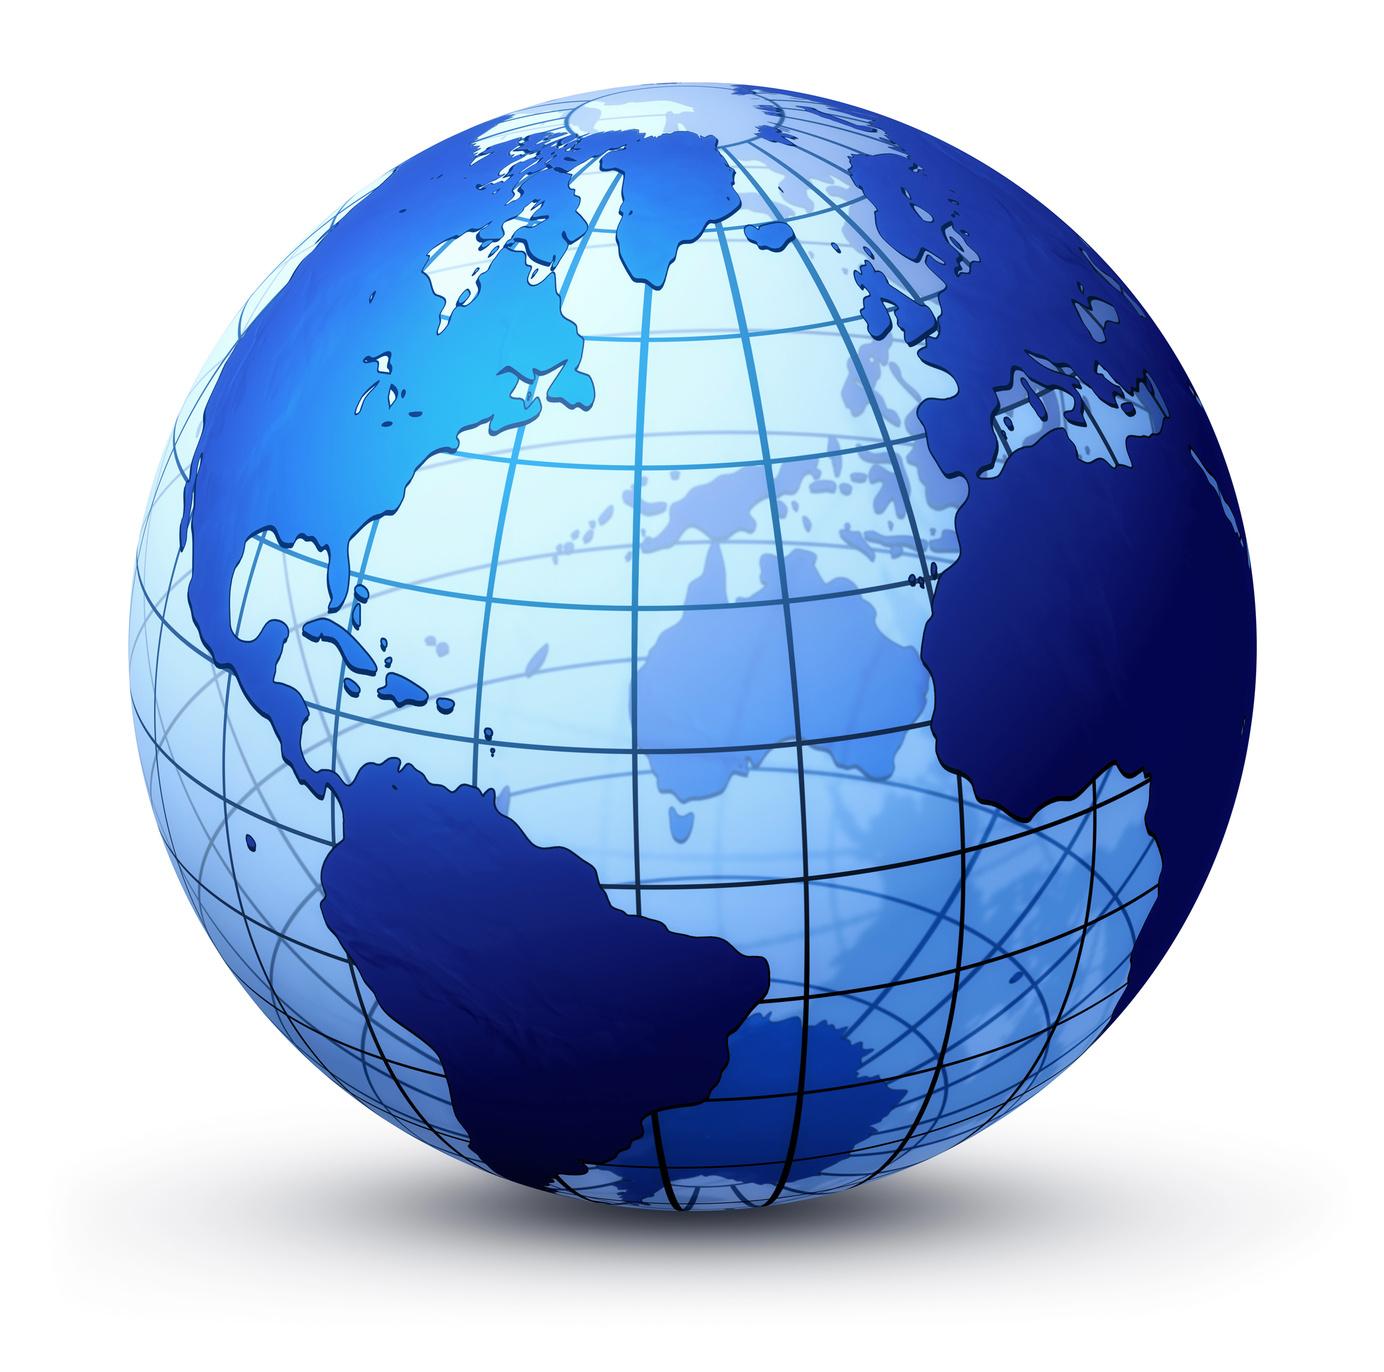 globe_3.jpg